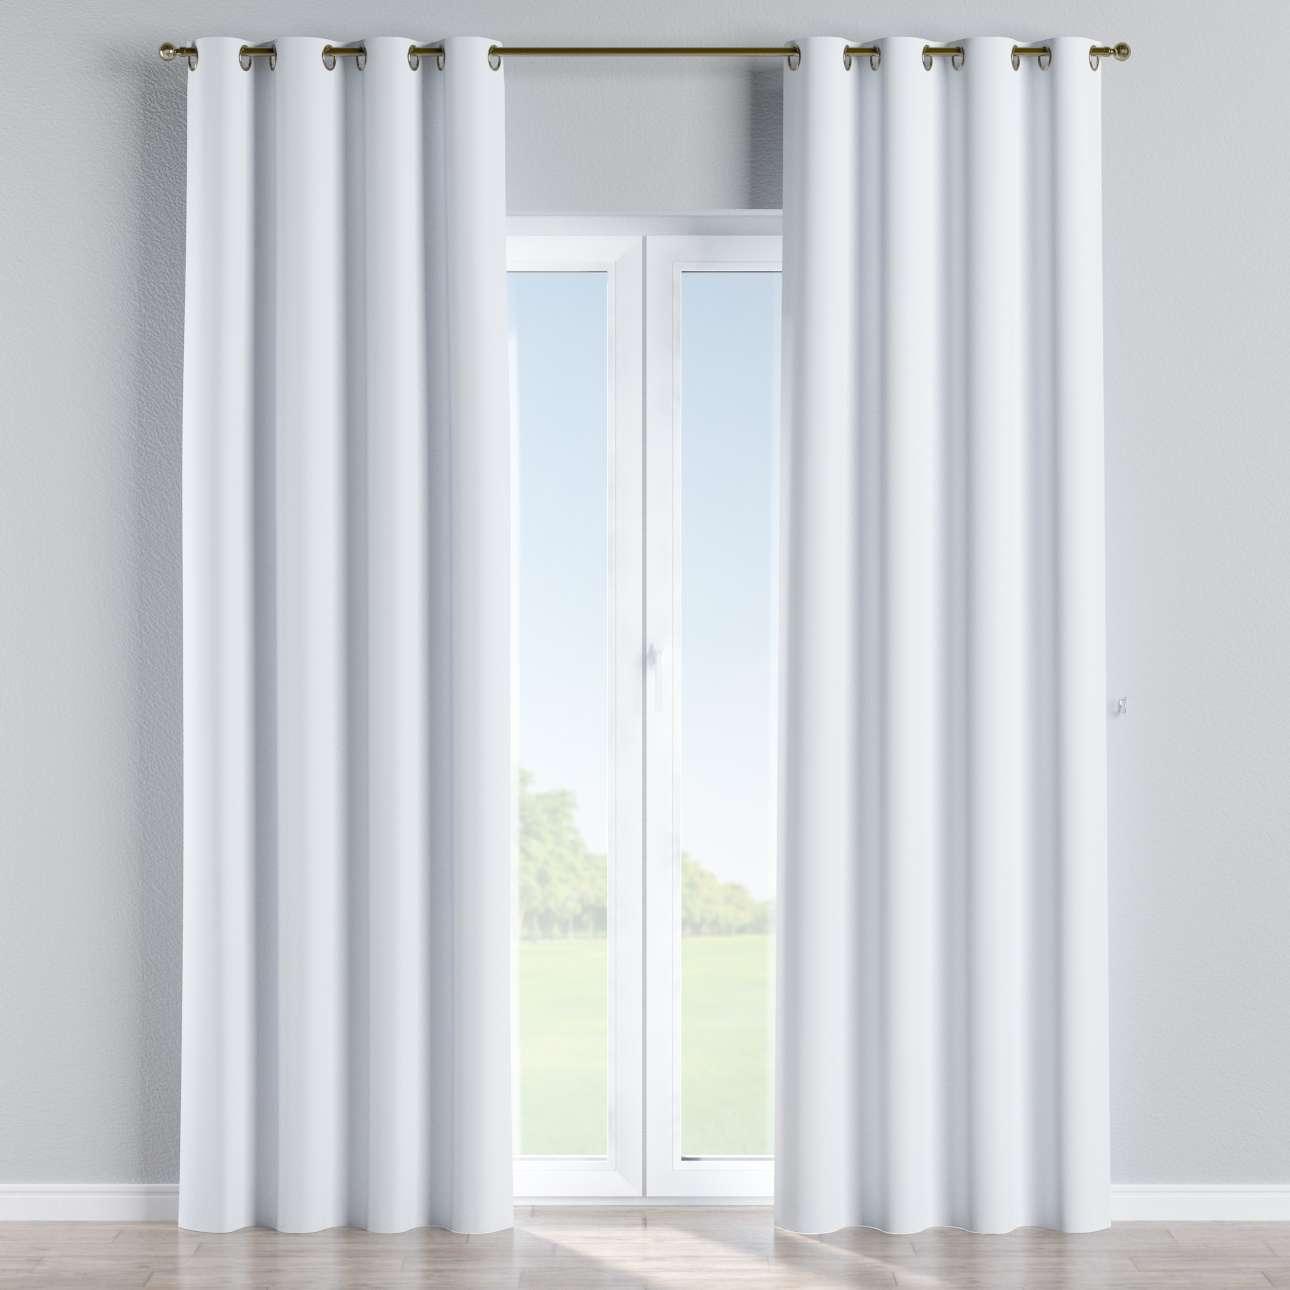 verdunklungsvorhang mit sen grau weiss dekoria. Black Bedroom Furniture Sets. Home Design Ideas